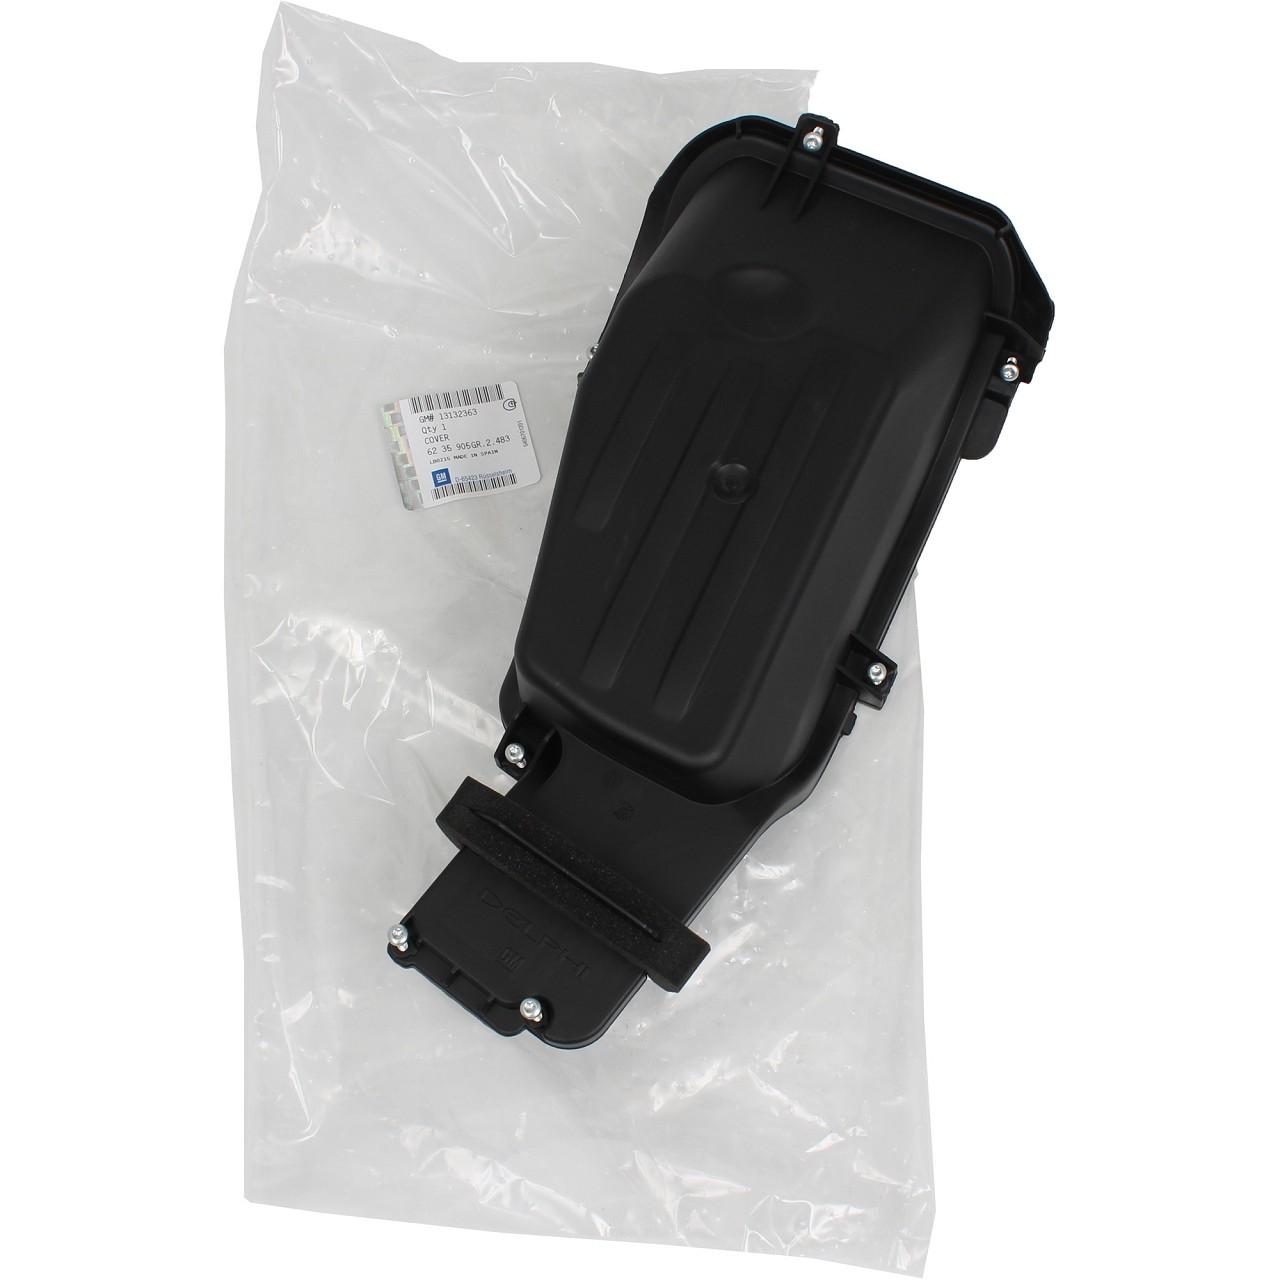 ORIGINAL Opel Abdeckung BCM Sicherungskasten Relaiskasten Deckel CORSA C 6235905